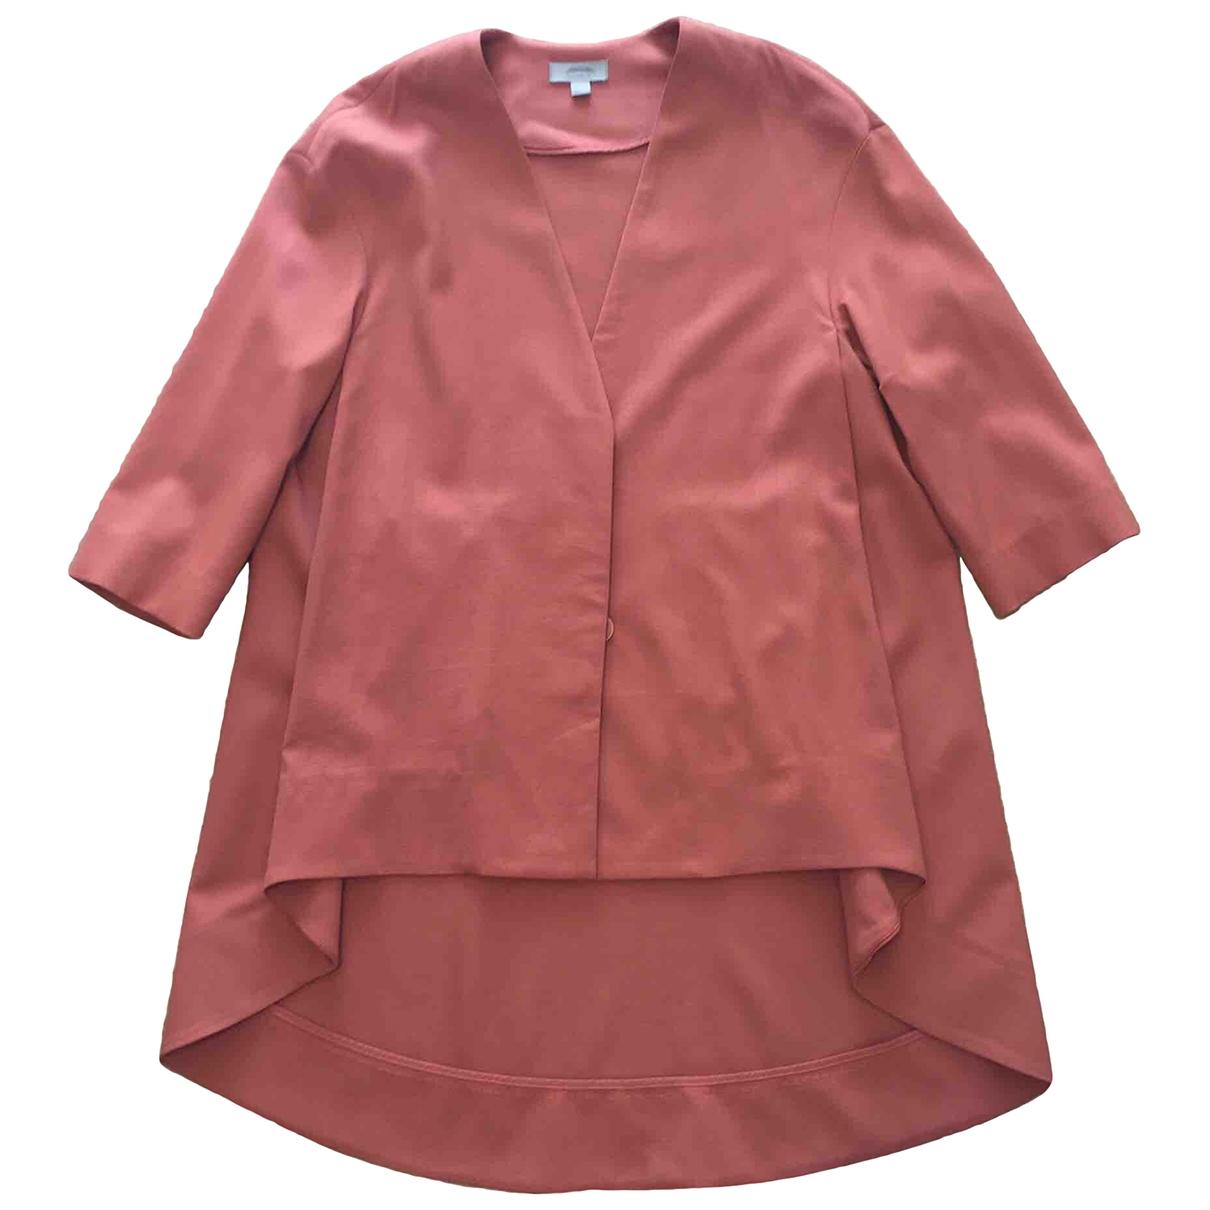 Cos \N Pink Wool  top for Women M International